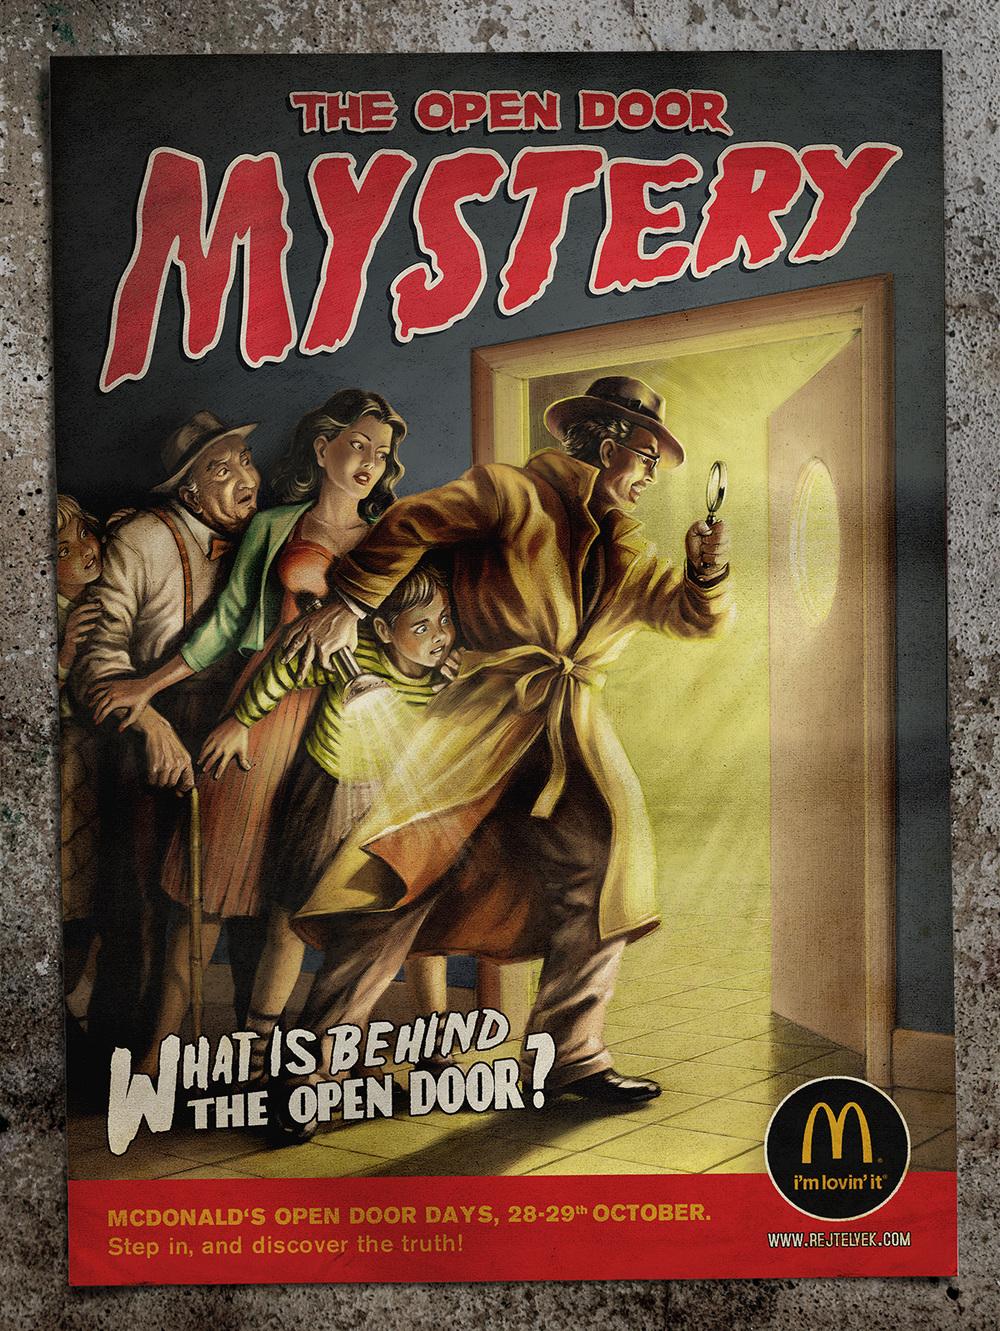 mcd_mystery_opendoors1200.jpg